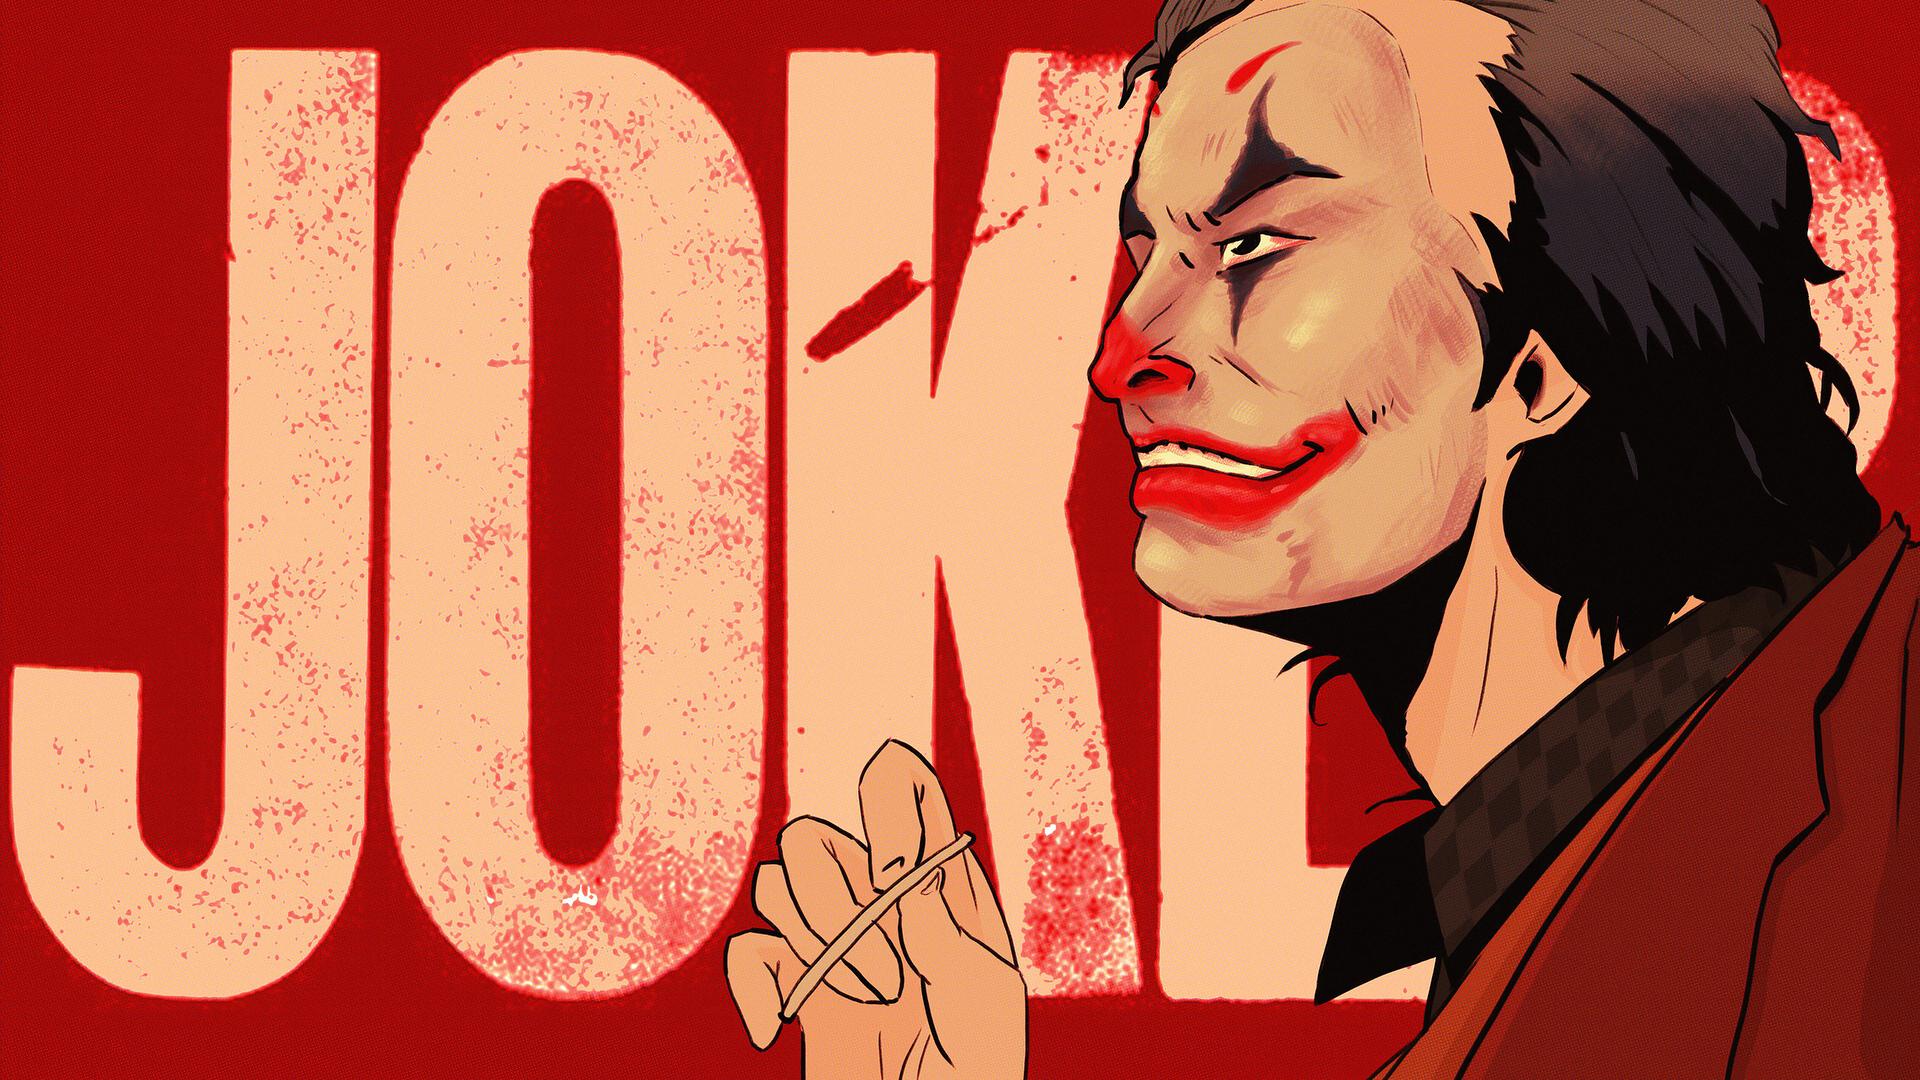 Joker Sign Full HD, 4K Wallpaper